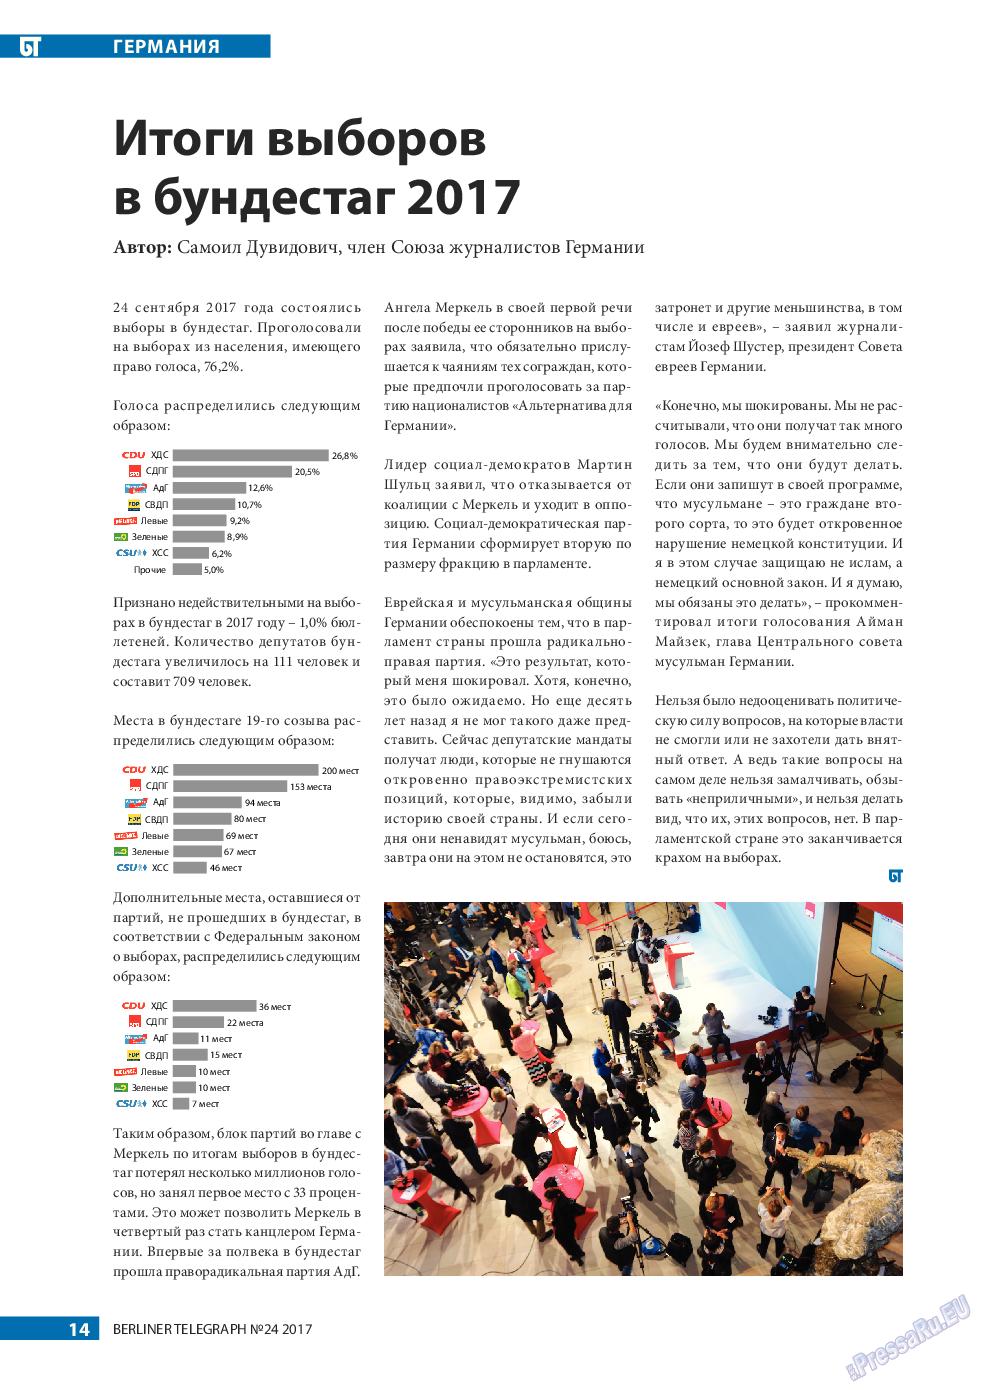 Берлинский телеграф (журнал). 2017 год, номер 24, стр. 14